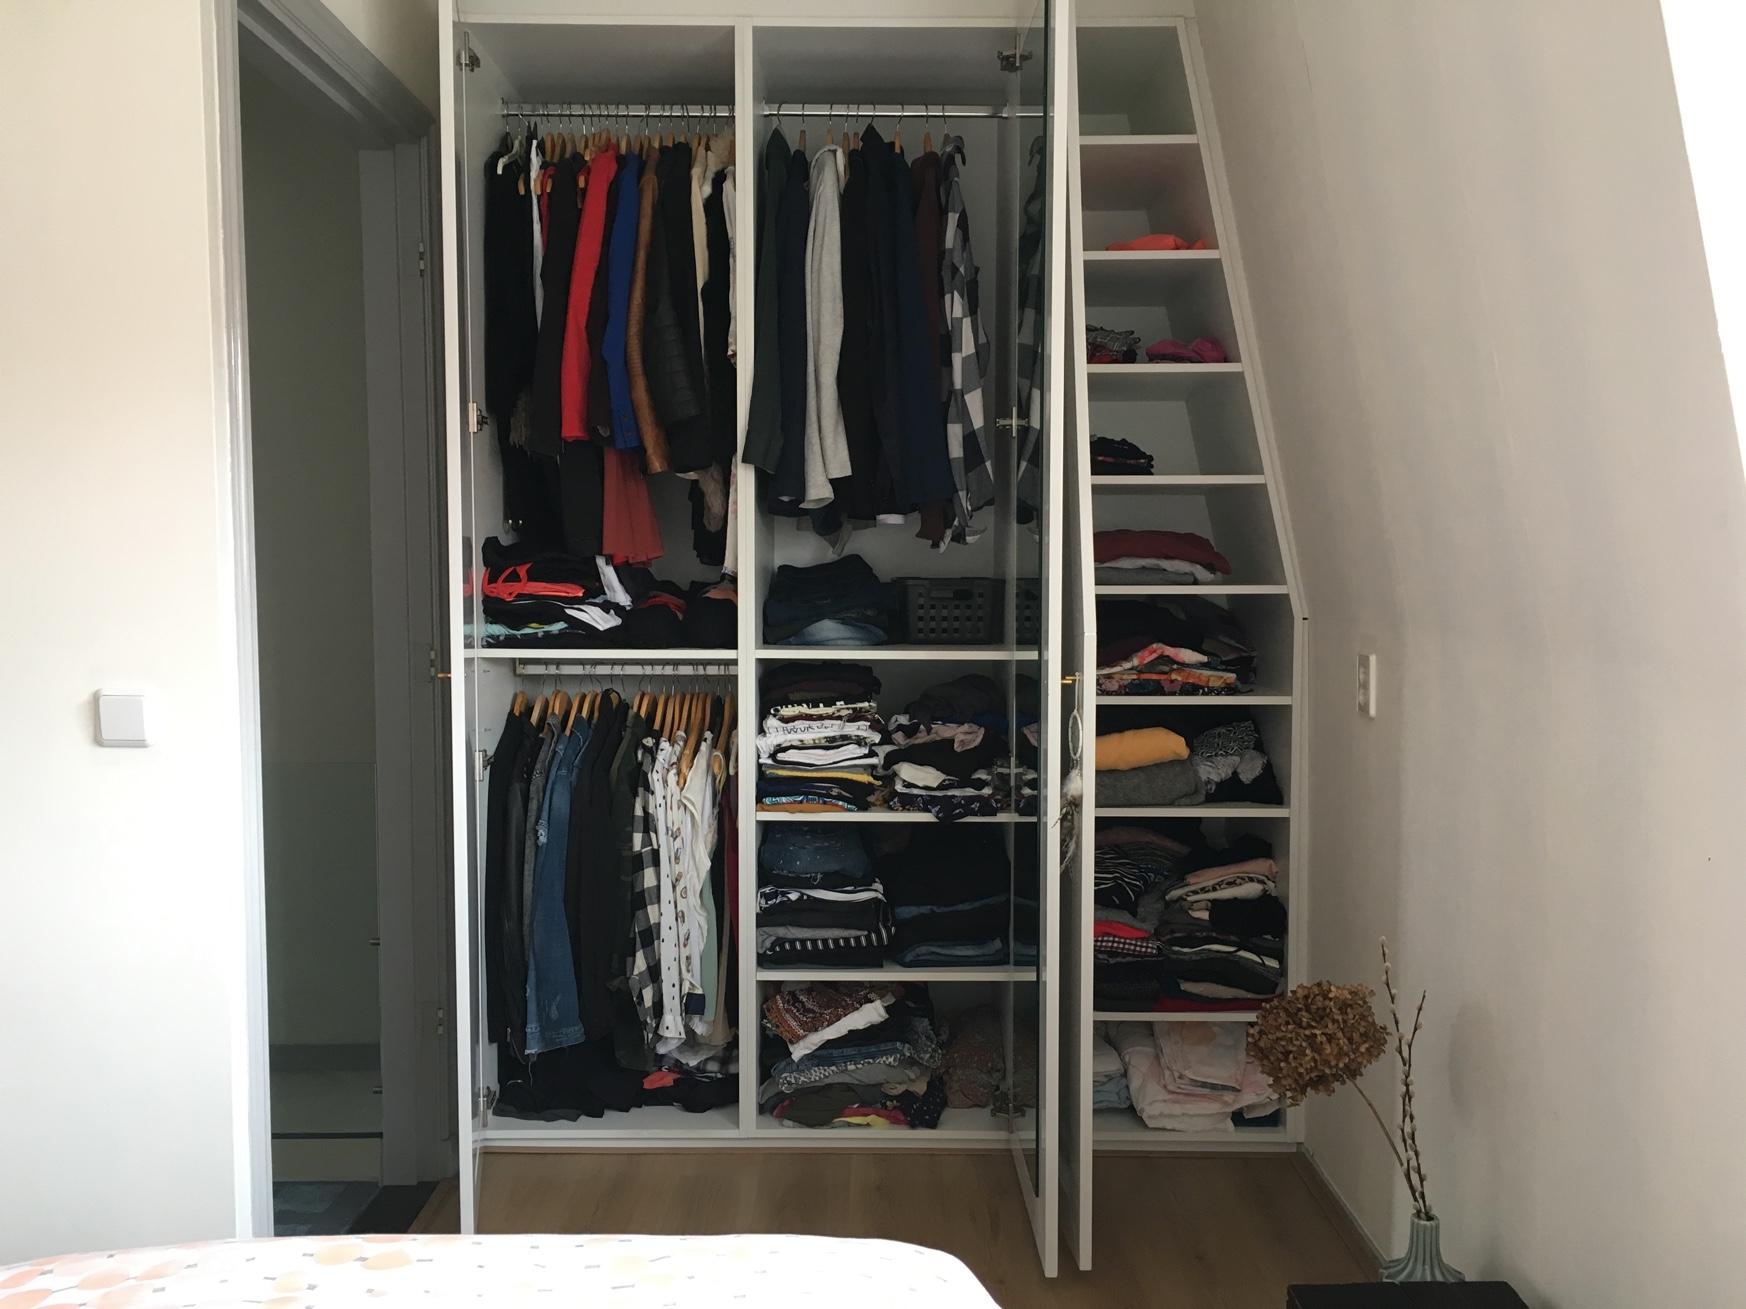 Huis styling, blog 6, goed gevoel, routines-8